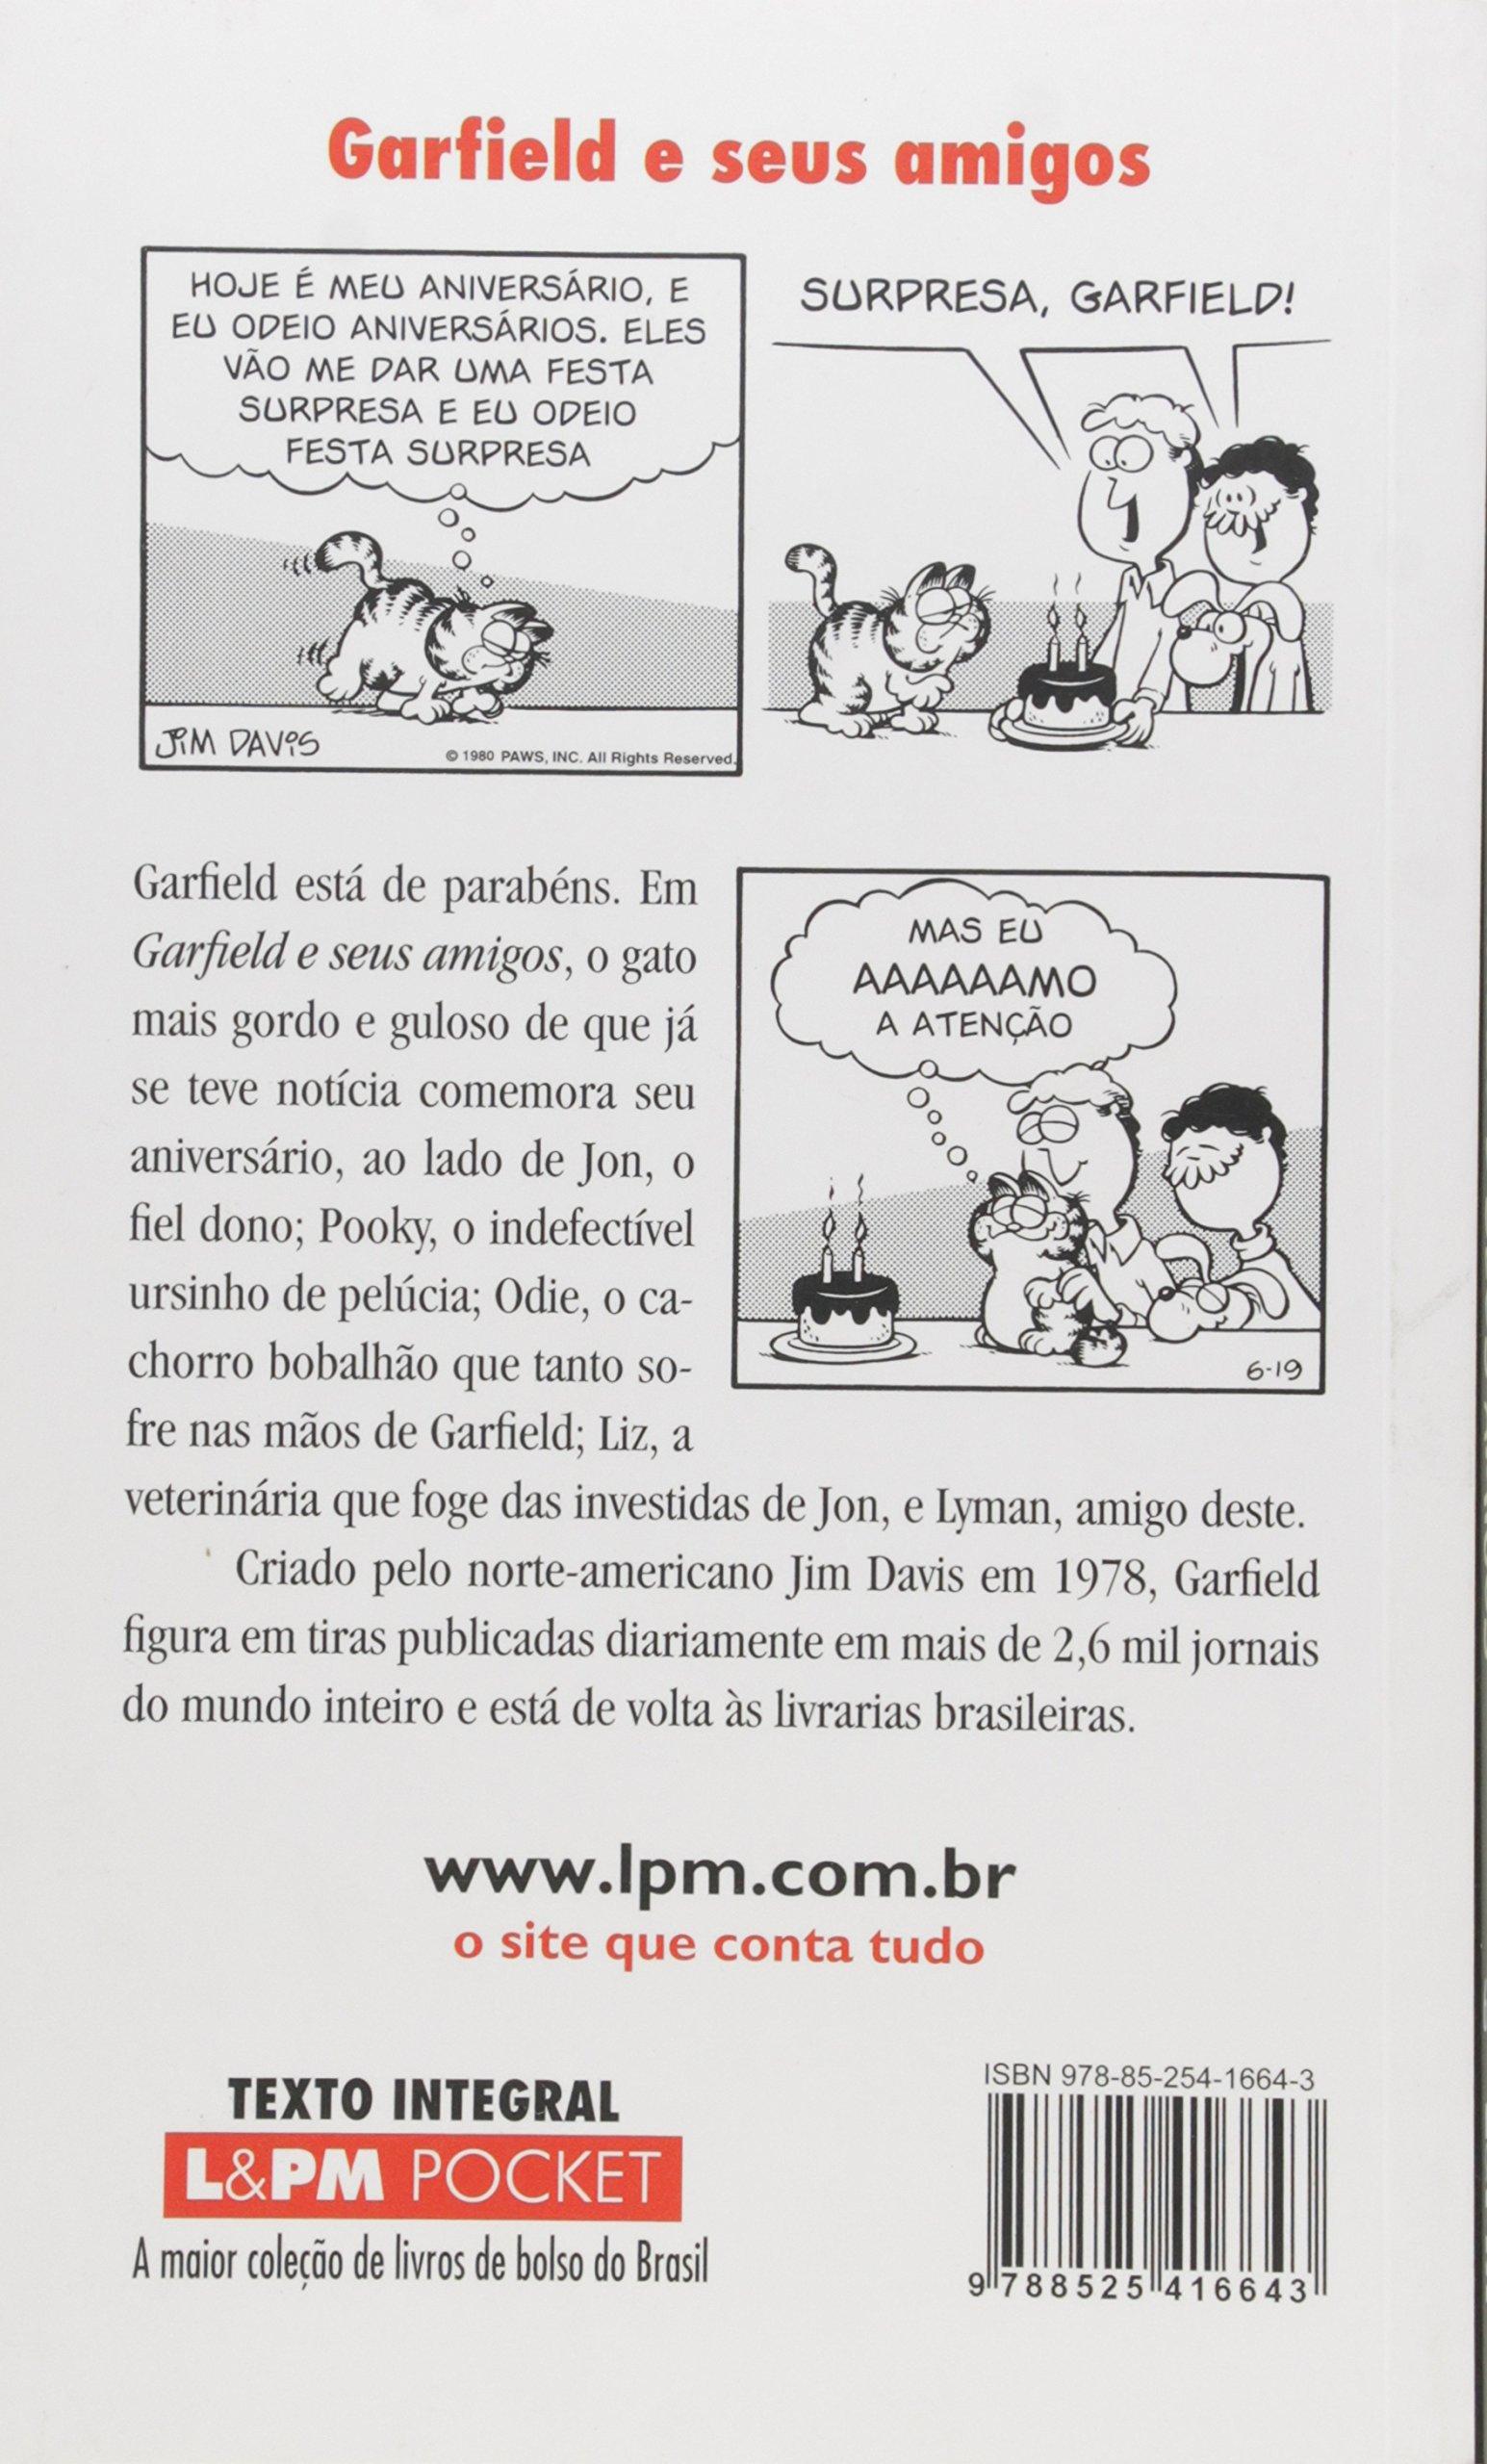 Garfield 8. E Seus Amigos - Coleção L&PM Pocket (Em Portuguese do Brasil): Jim Davis: 9788525416643: Amazon.com: Books